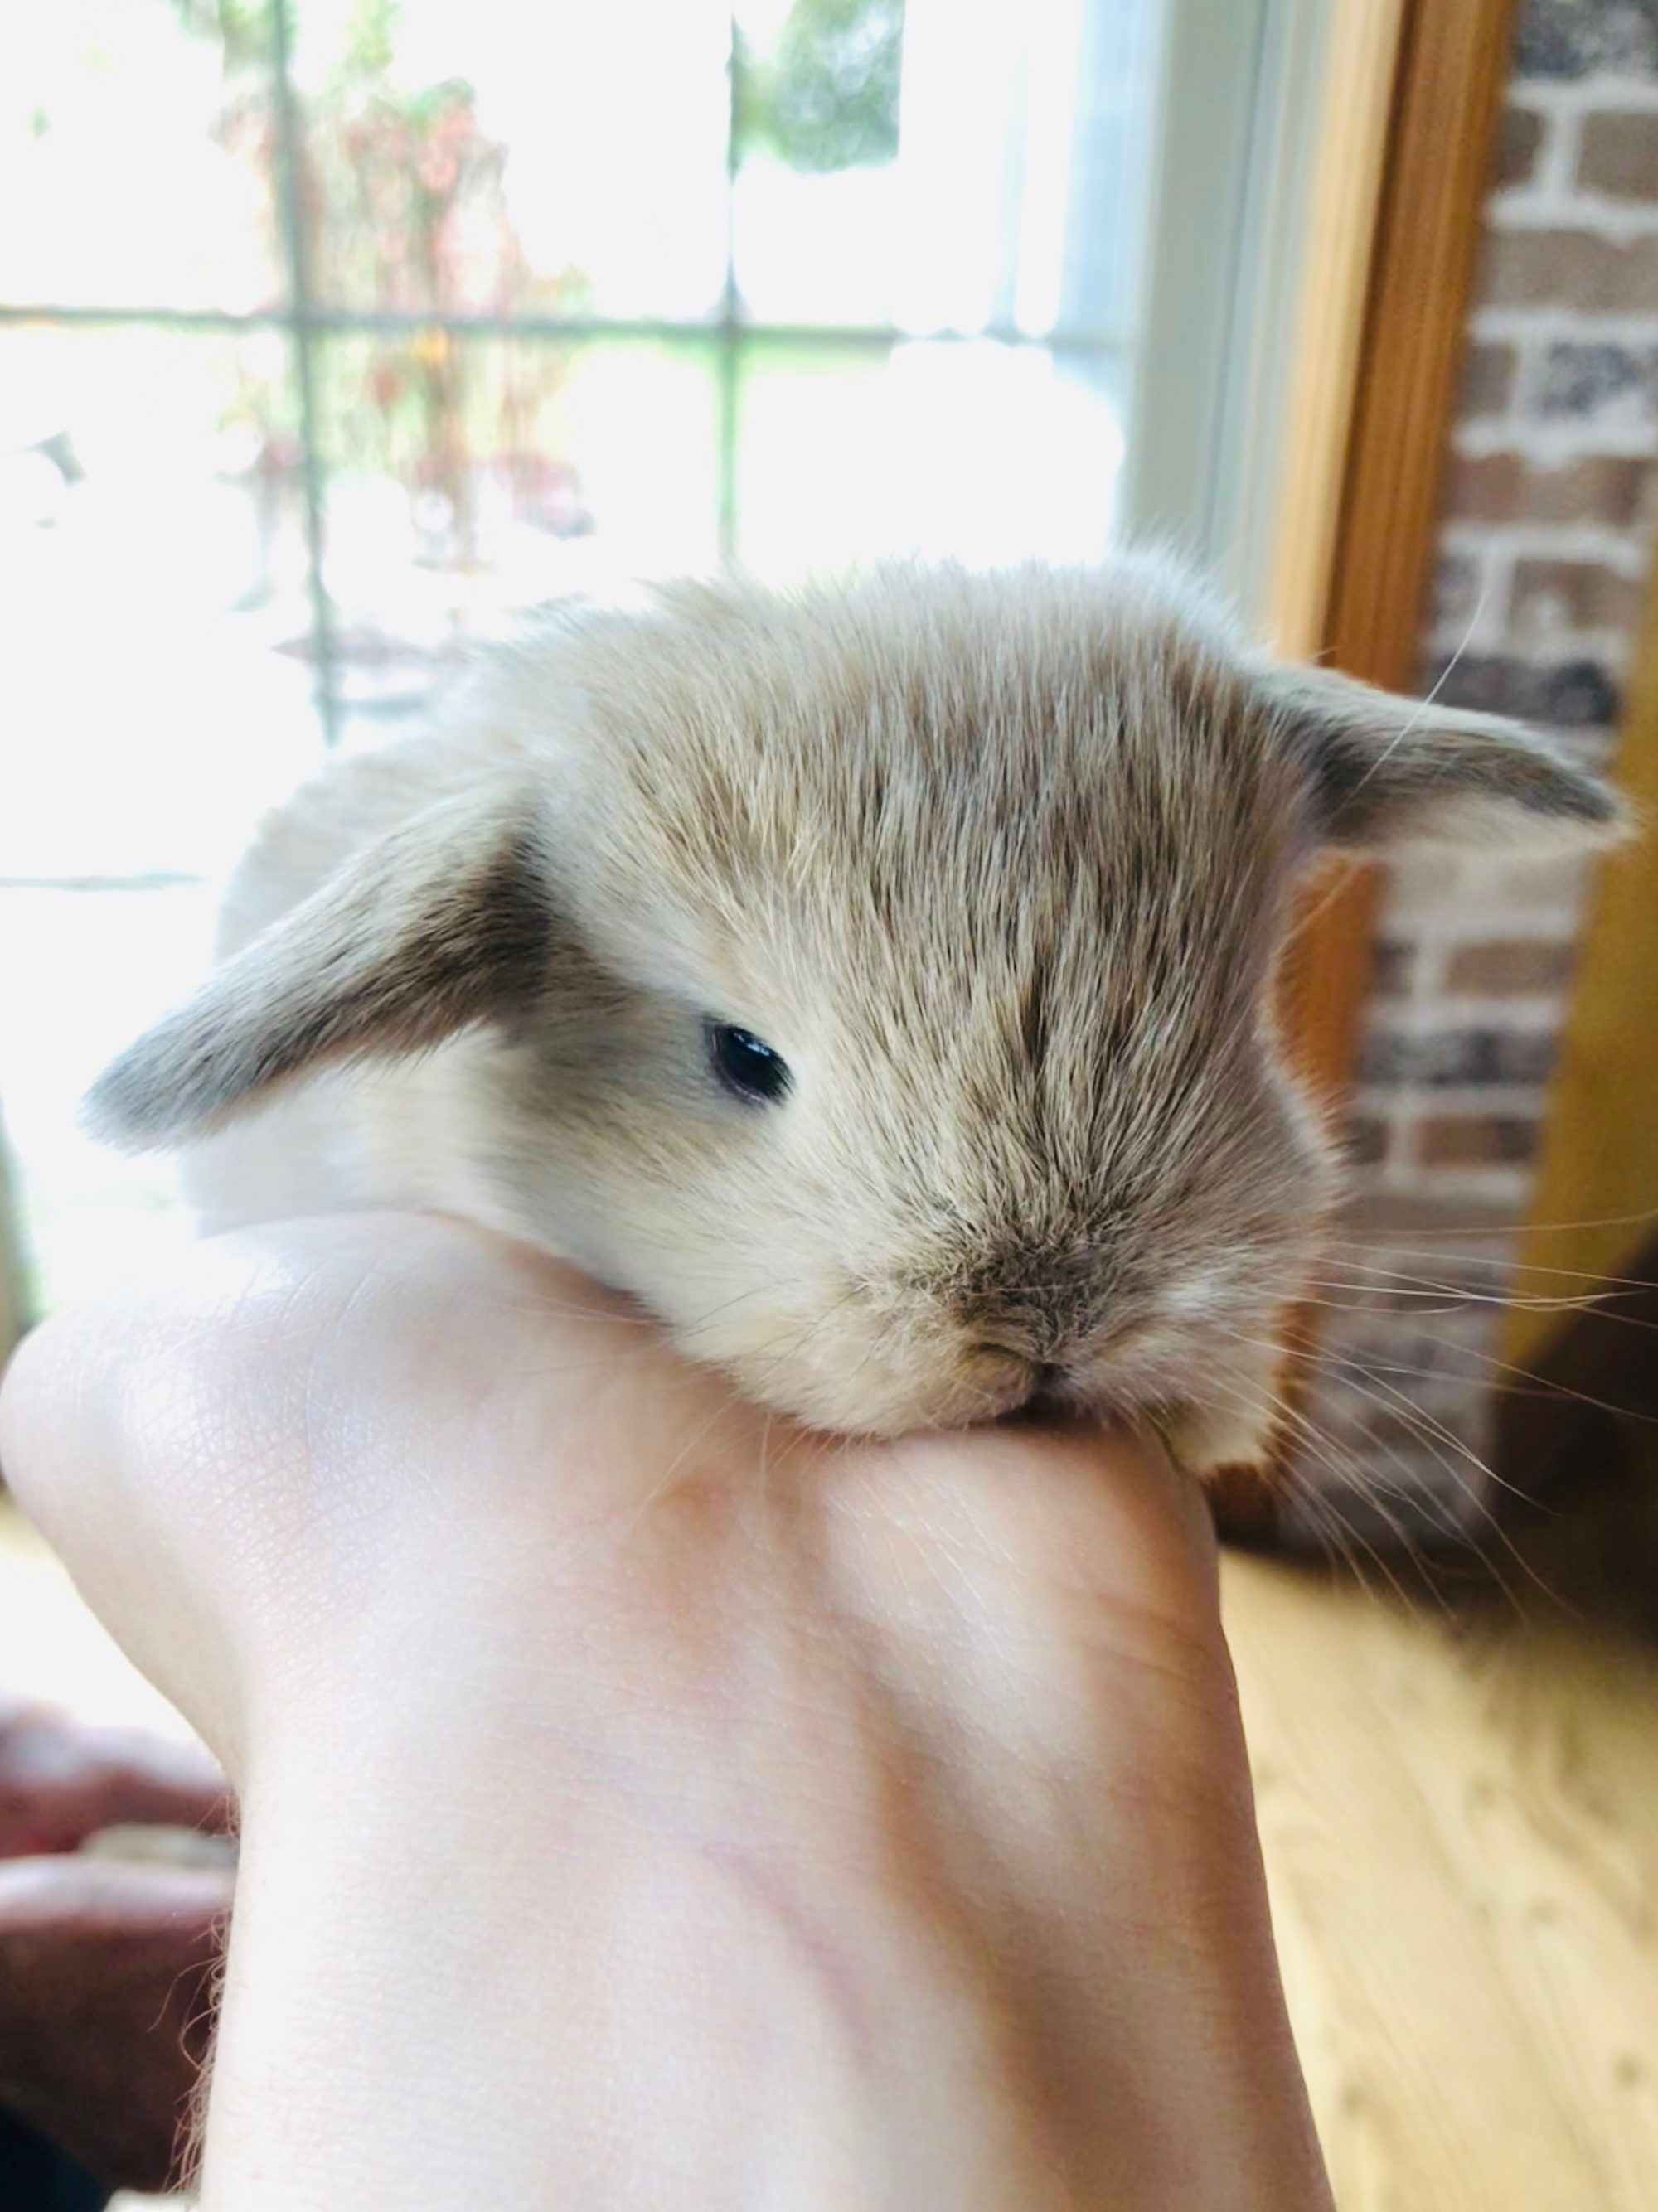 Hunny Bunny Rabbitry Wisconsin LLC